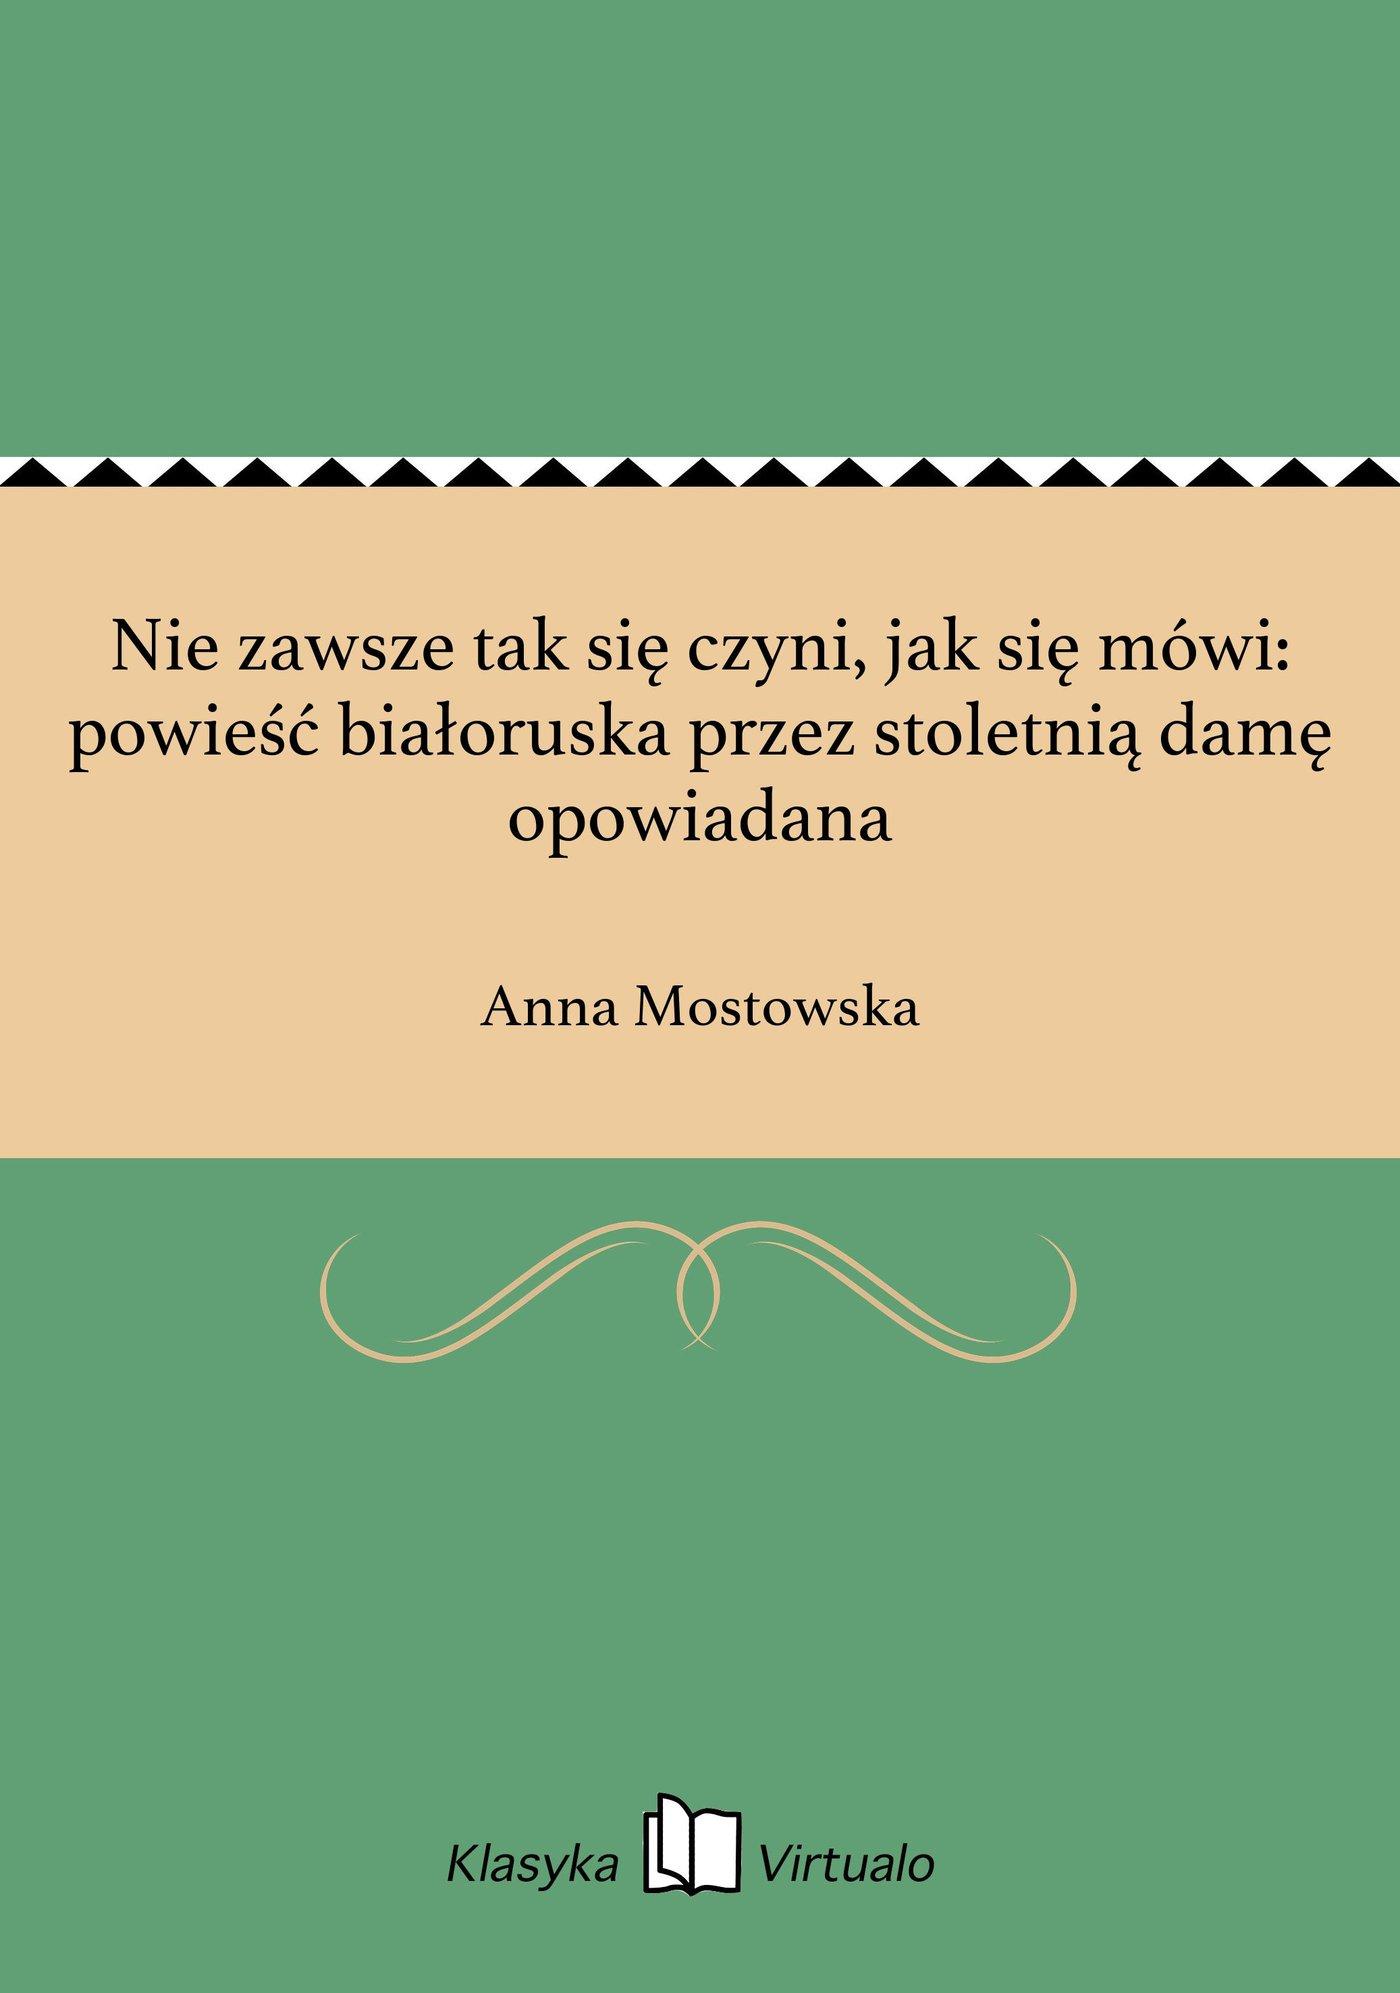 Nie zawsze tak się czyni, jak się mówi: powieść białoruska przez stoletnią damę opowiadana - Ebook (Książka EPUB) do pobrania w formacie EPUB